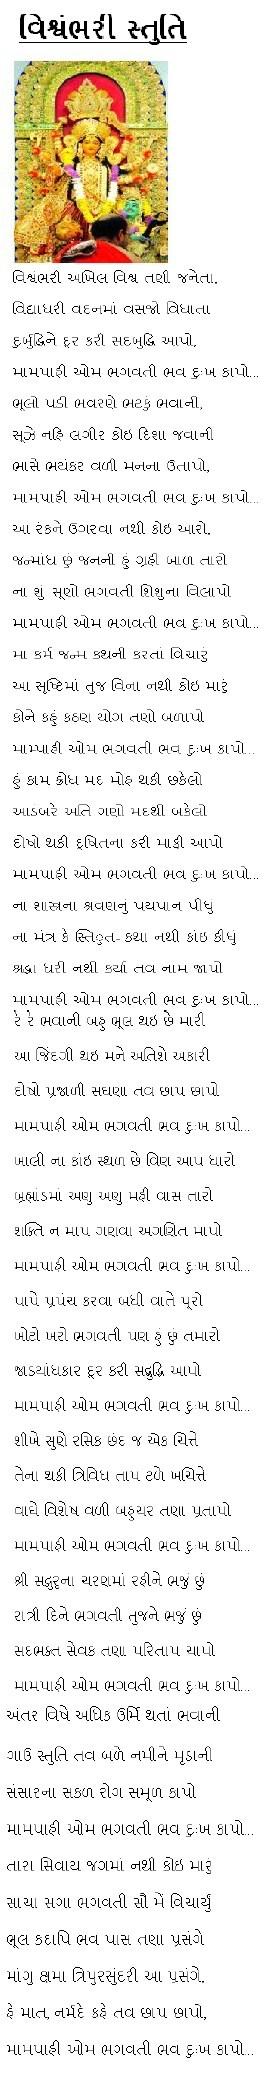 Vishwambhari Stuti Lyrics in Gujarati